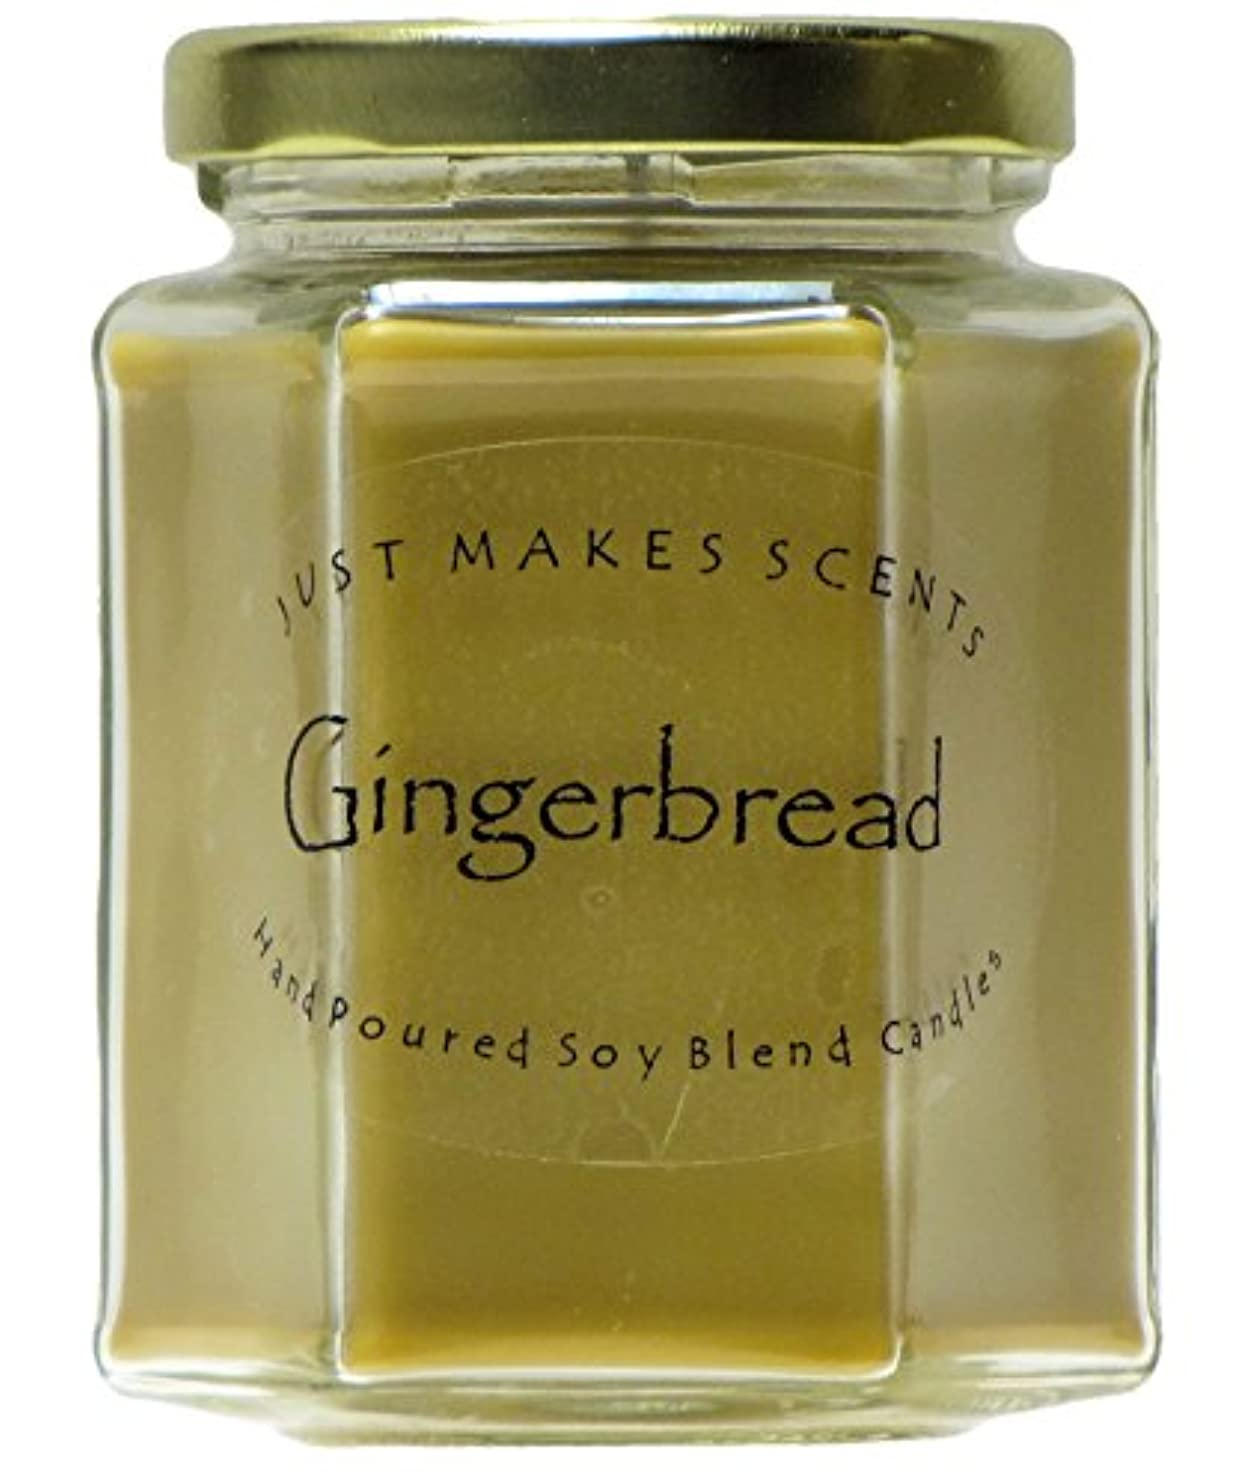 あさり中性治すGingerbread香りつきBlended Soy Candle by Just Makes Scents